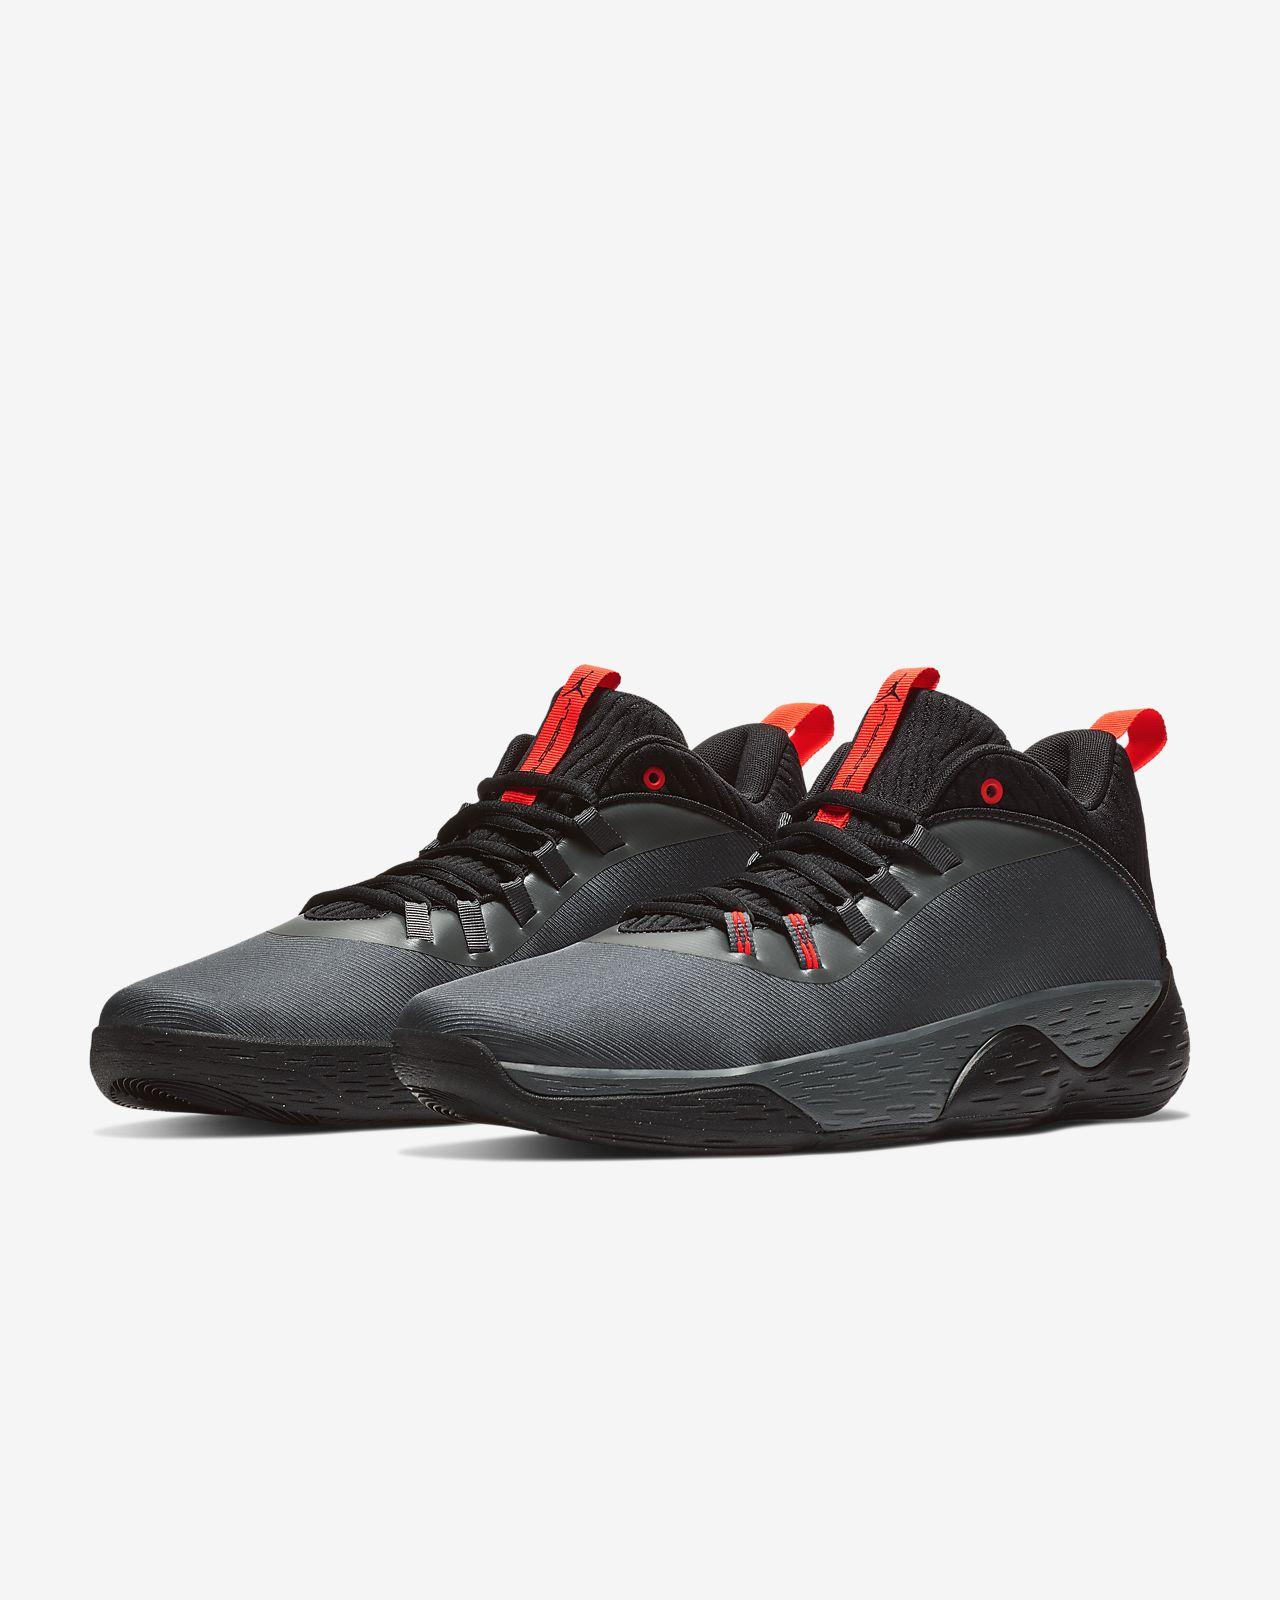 newest 9dcbc a791e Fly MVP Low pour Homme Chaussure de basketball Jordan Super.Fly MVP Low pour  Homme